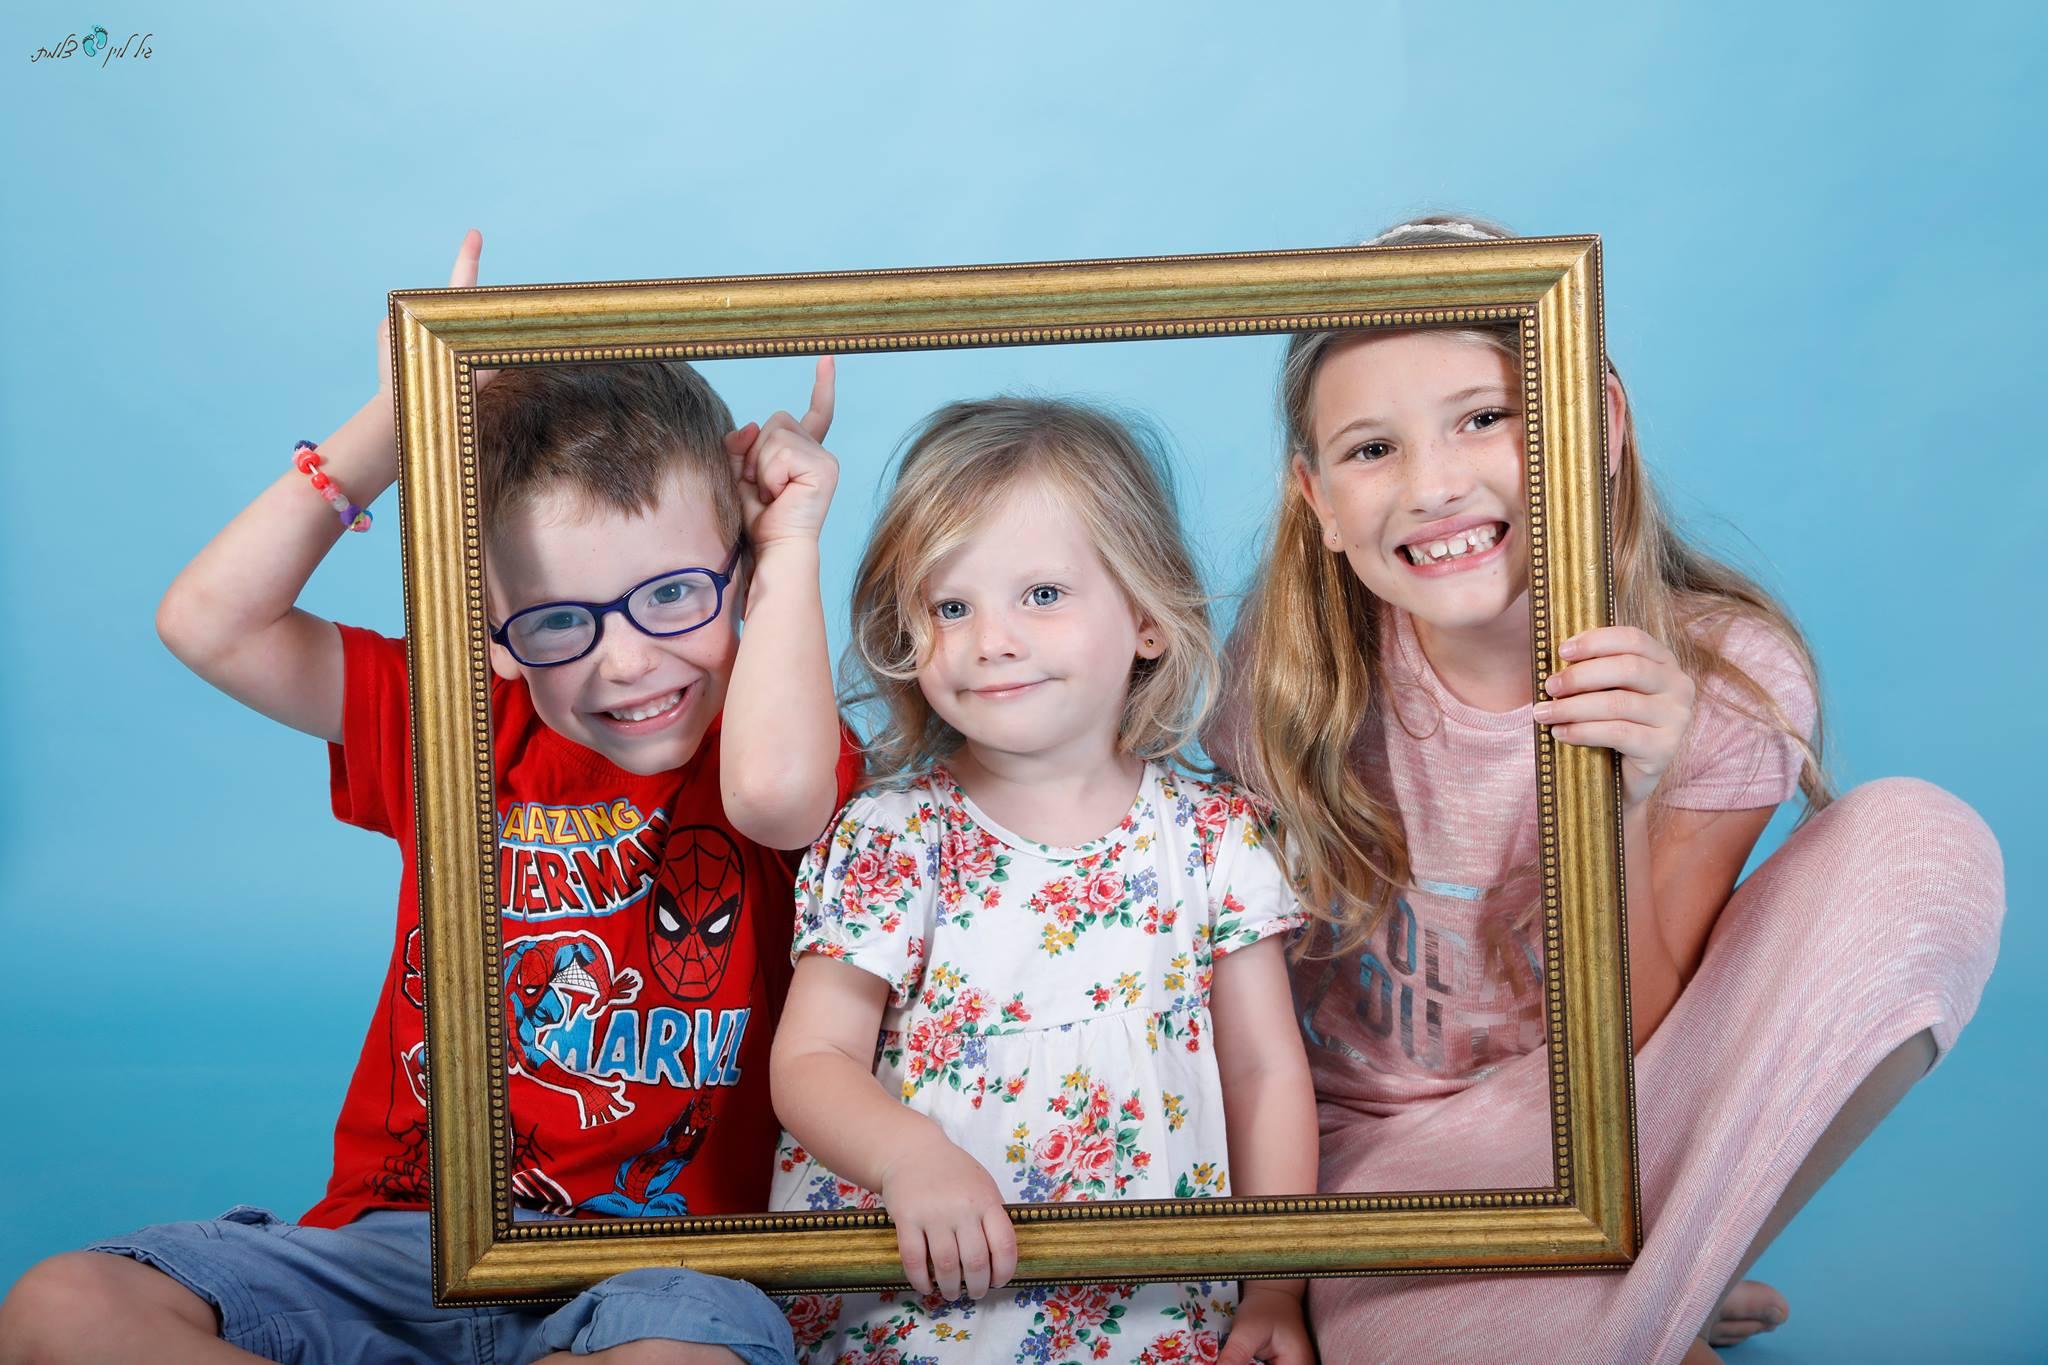 משפחת קרקובר - סטודיו גיל לוין (4)